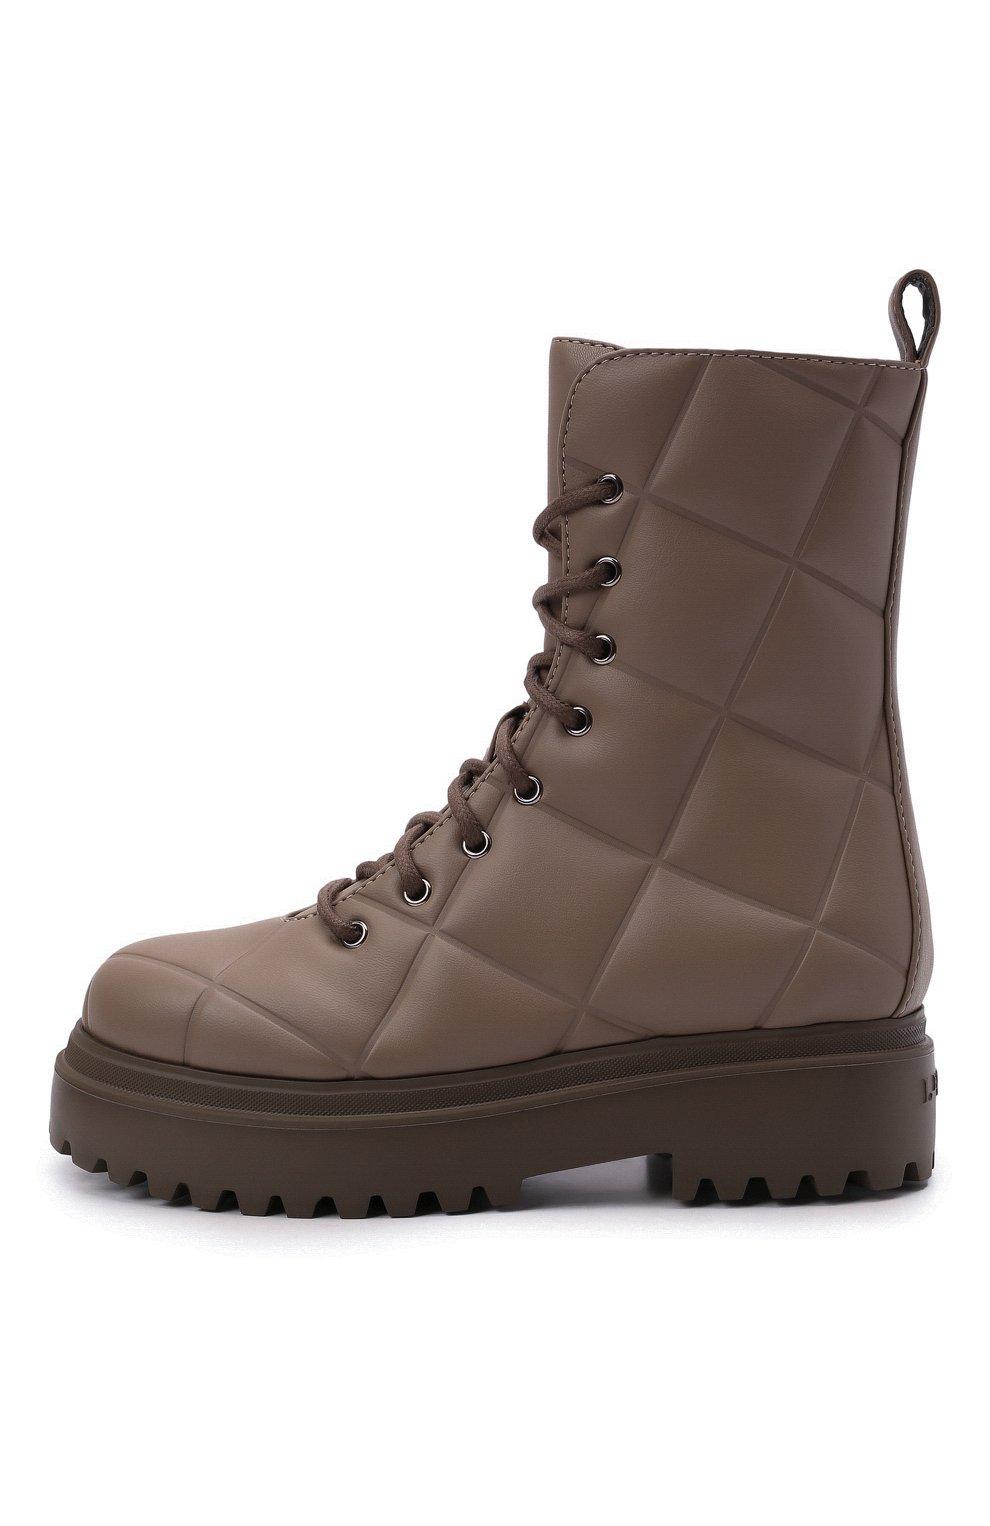 Женские комбинированные ботинки ranger LE SILLA серого цвета, арт. 6410T020M1PPFAK   Фото 3 (Материал внешний: Экокожа, Текстиль; Подошва: Платформа, Плоская; Каблук высота: Низкий; Женское Кросс-КТ: Военные ботинки; Материал внутренний: Натуральная кожа)